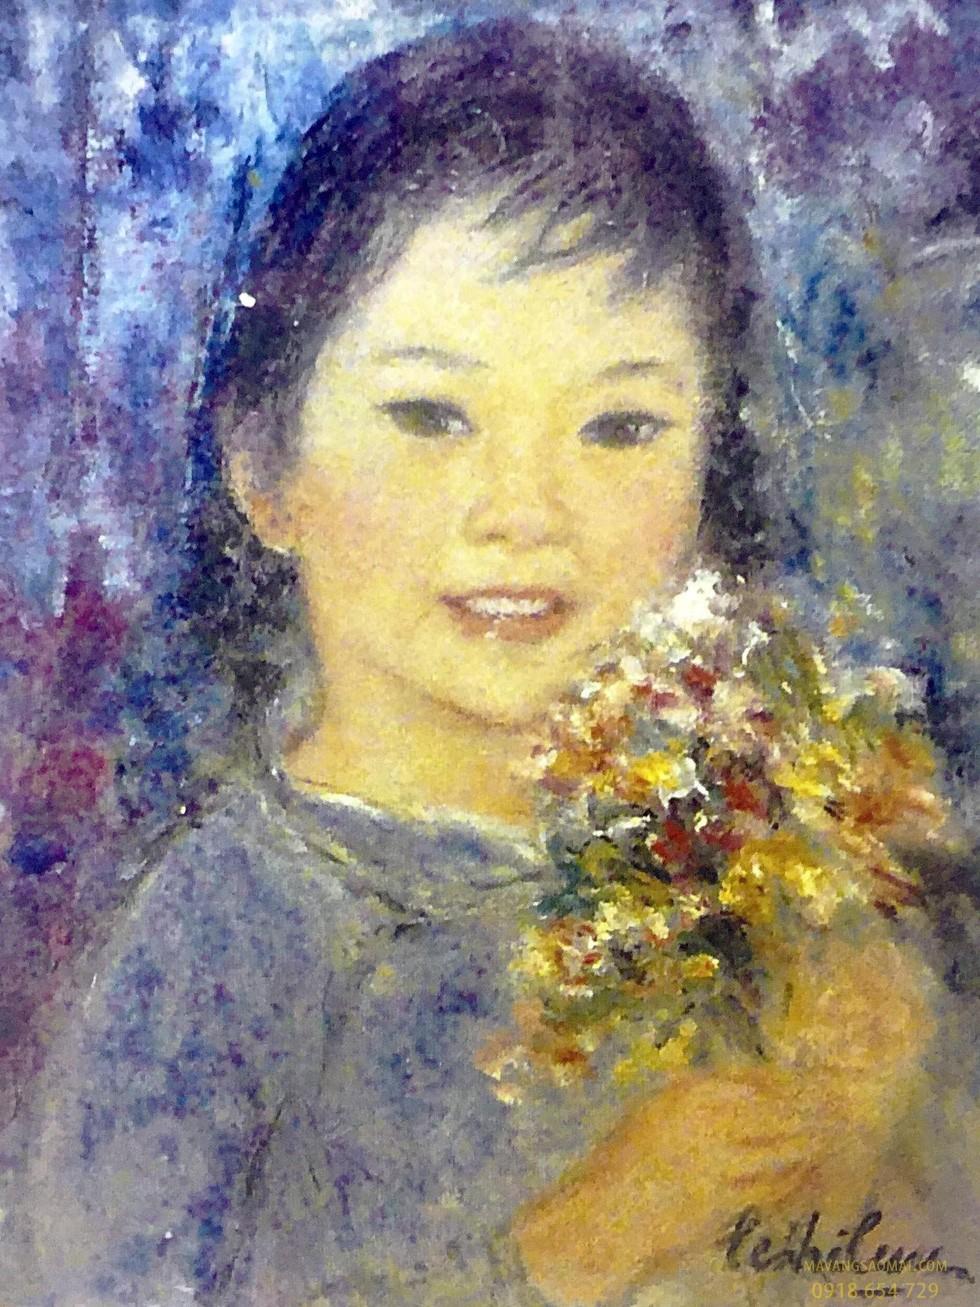 Sự nghiệp sáng tác của nữ họa sĩ đầu tiên của Việt Nam